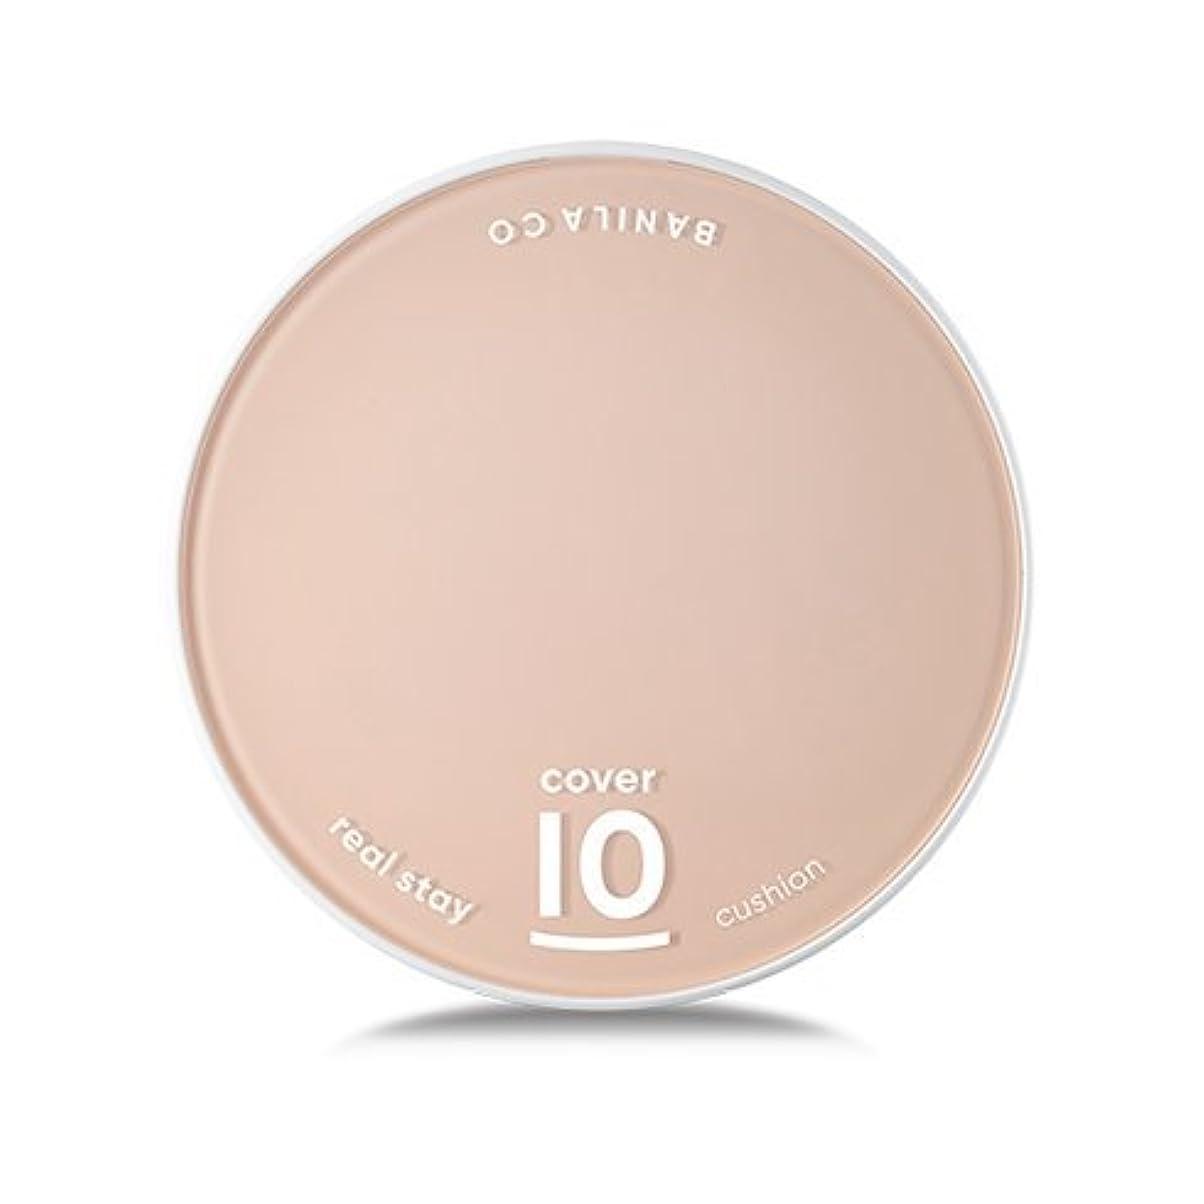 誰起きている天窓[Renewal] BANILA CO Cover 10 Real Stay Cushion 15g + Refill 15g/バニラコ カバー 10 リアル ステイ クッション 15g + リフィル 15g (#BE10...